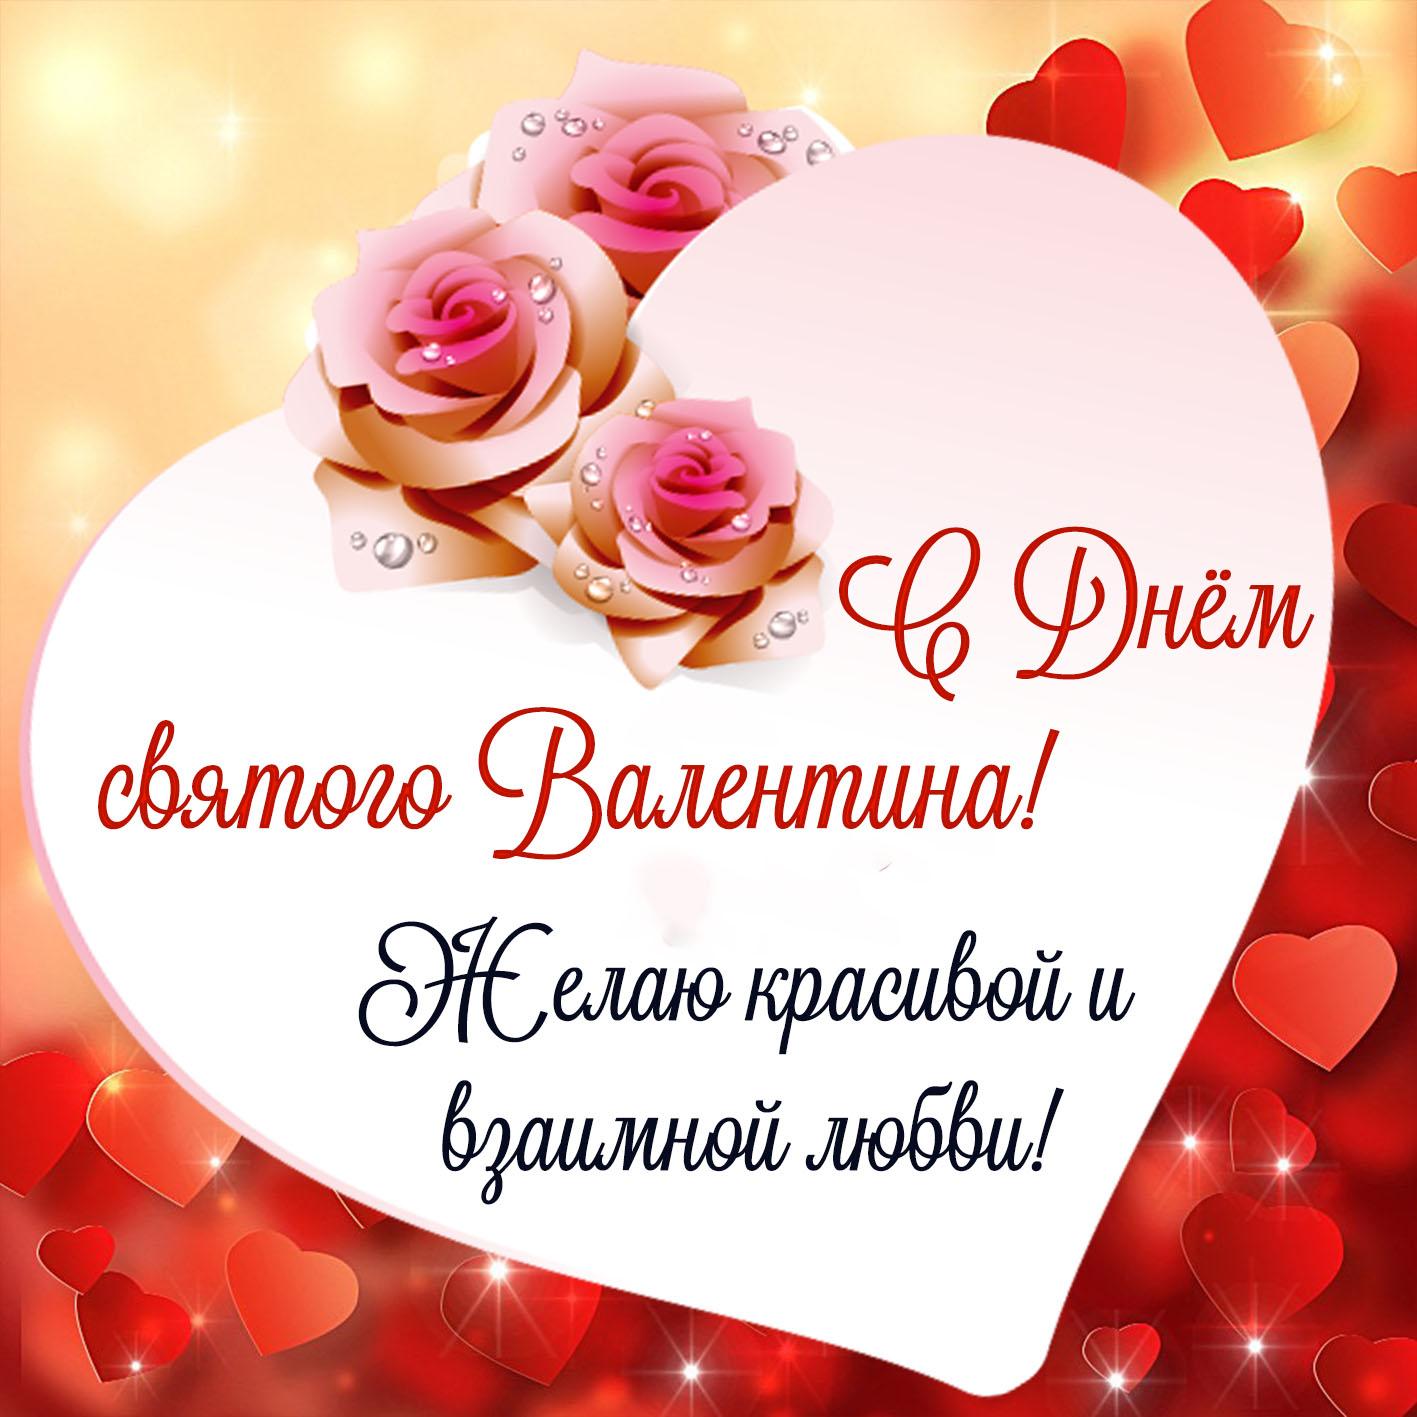 Открытка - пожелание на сердечке к Дню святого Валентина